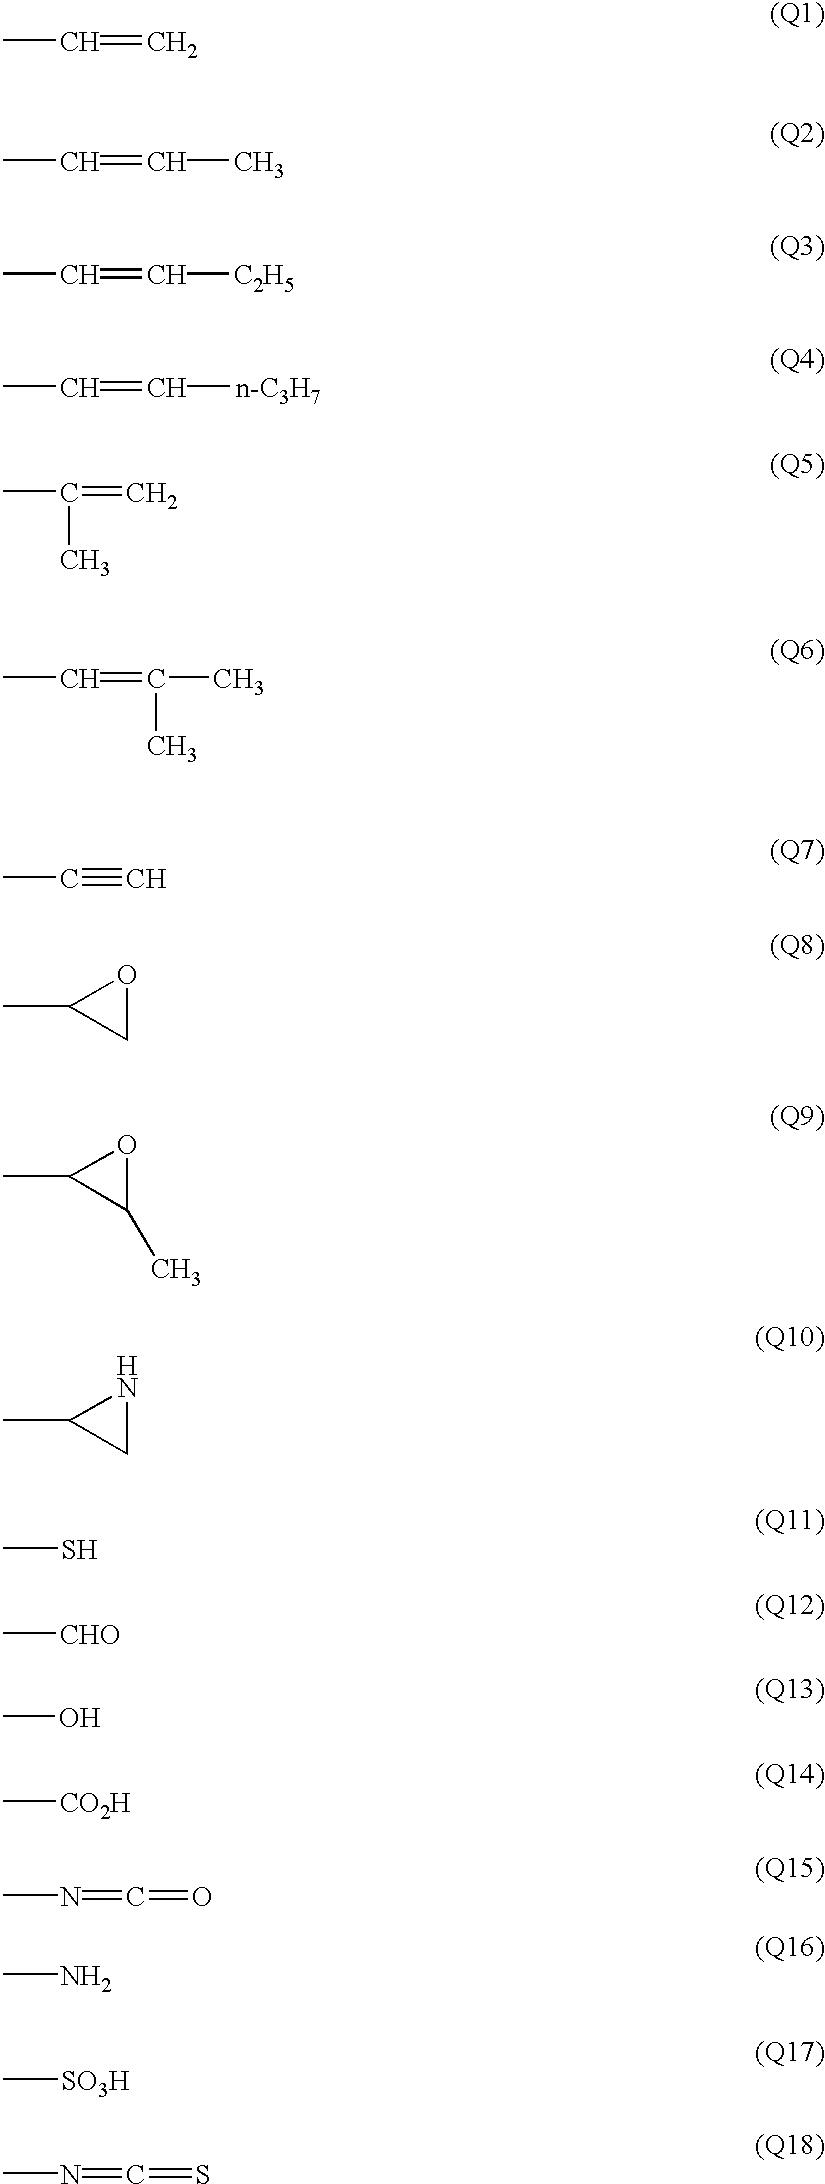 Figure US20030011725A1-20030116-C00006